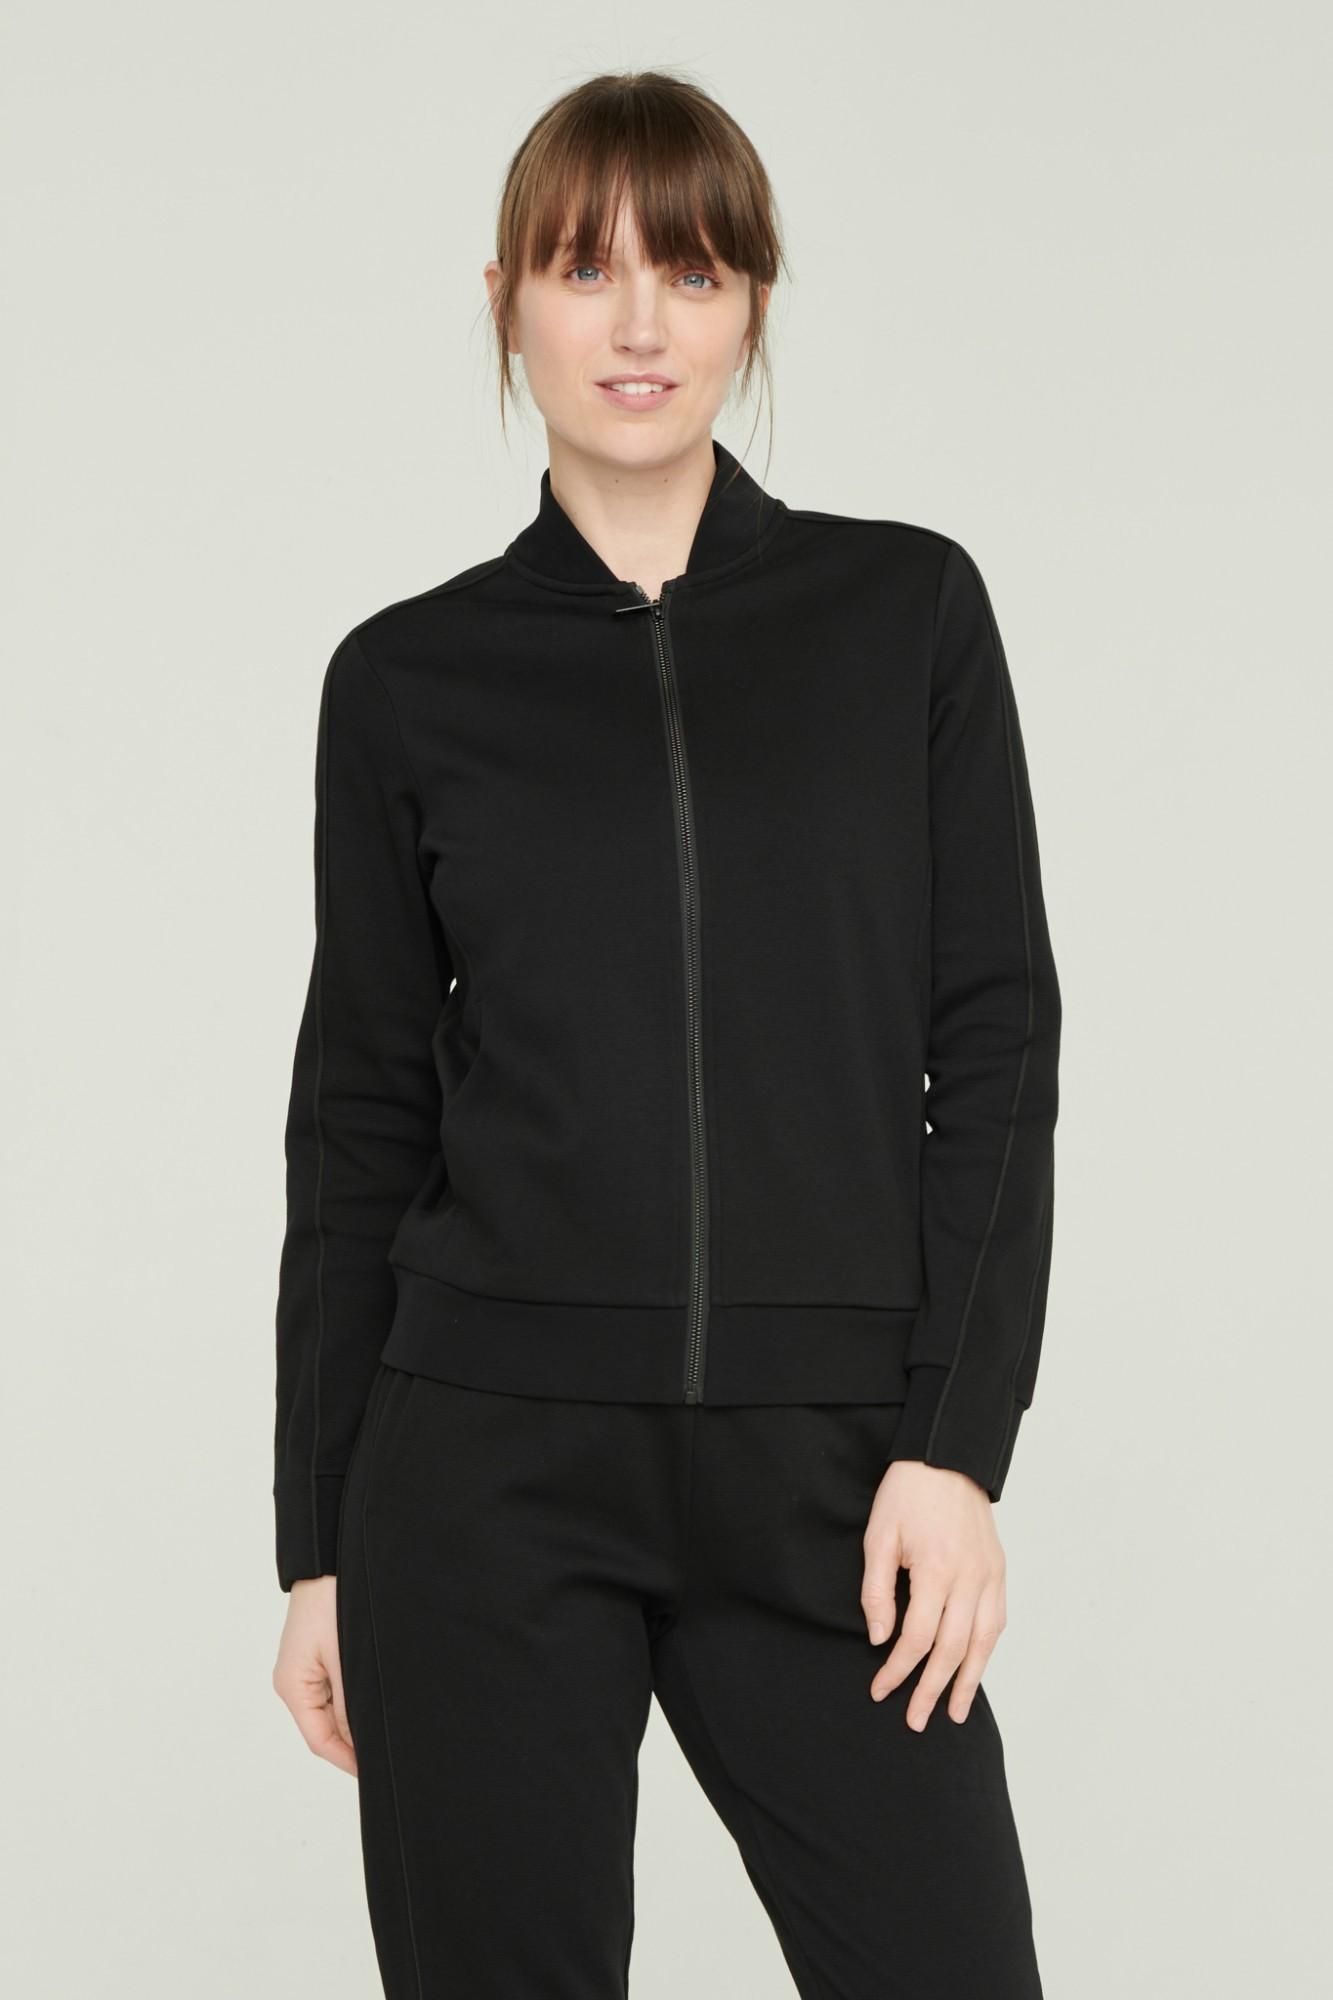 AUDIMAS Atsegamas medvilninis džemperis 2111-054 Black M